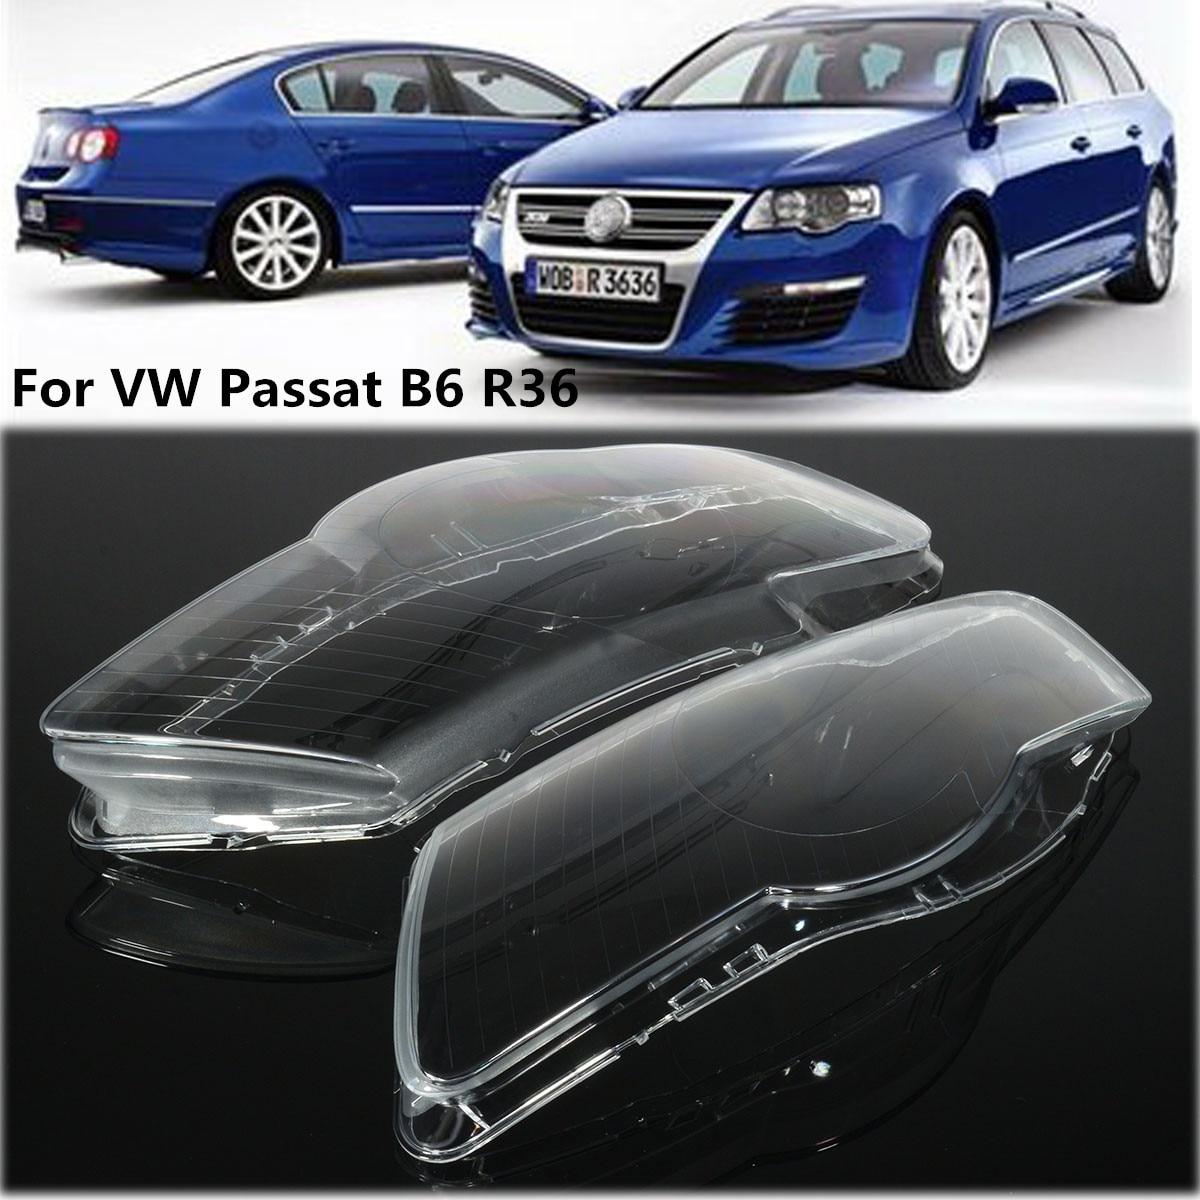 Çift araba far far su geçirmez parlak şeffaf kapak Lens için Volkswagen VW Passat B6 bi-xenon farlar R36